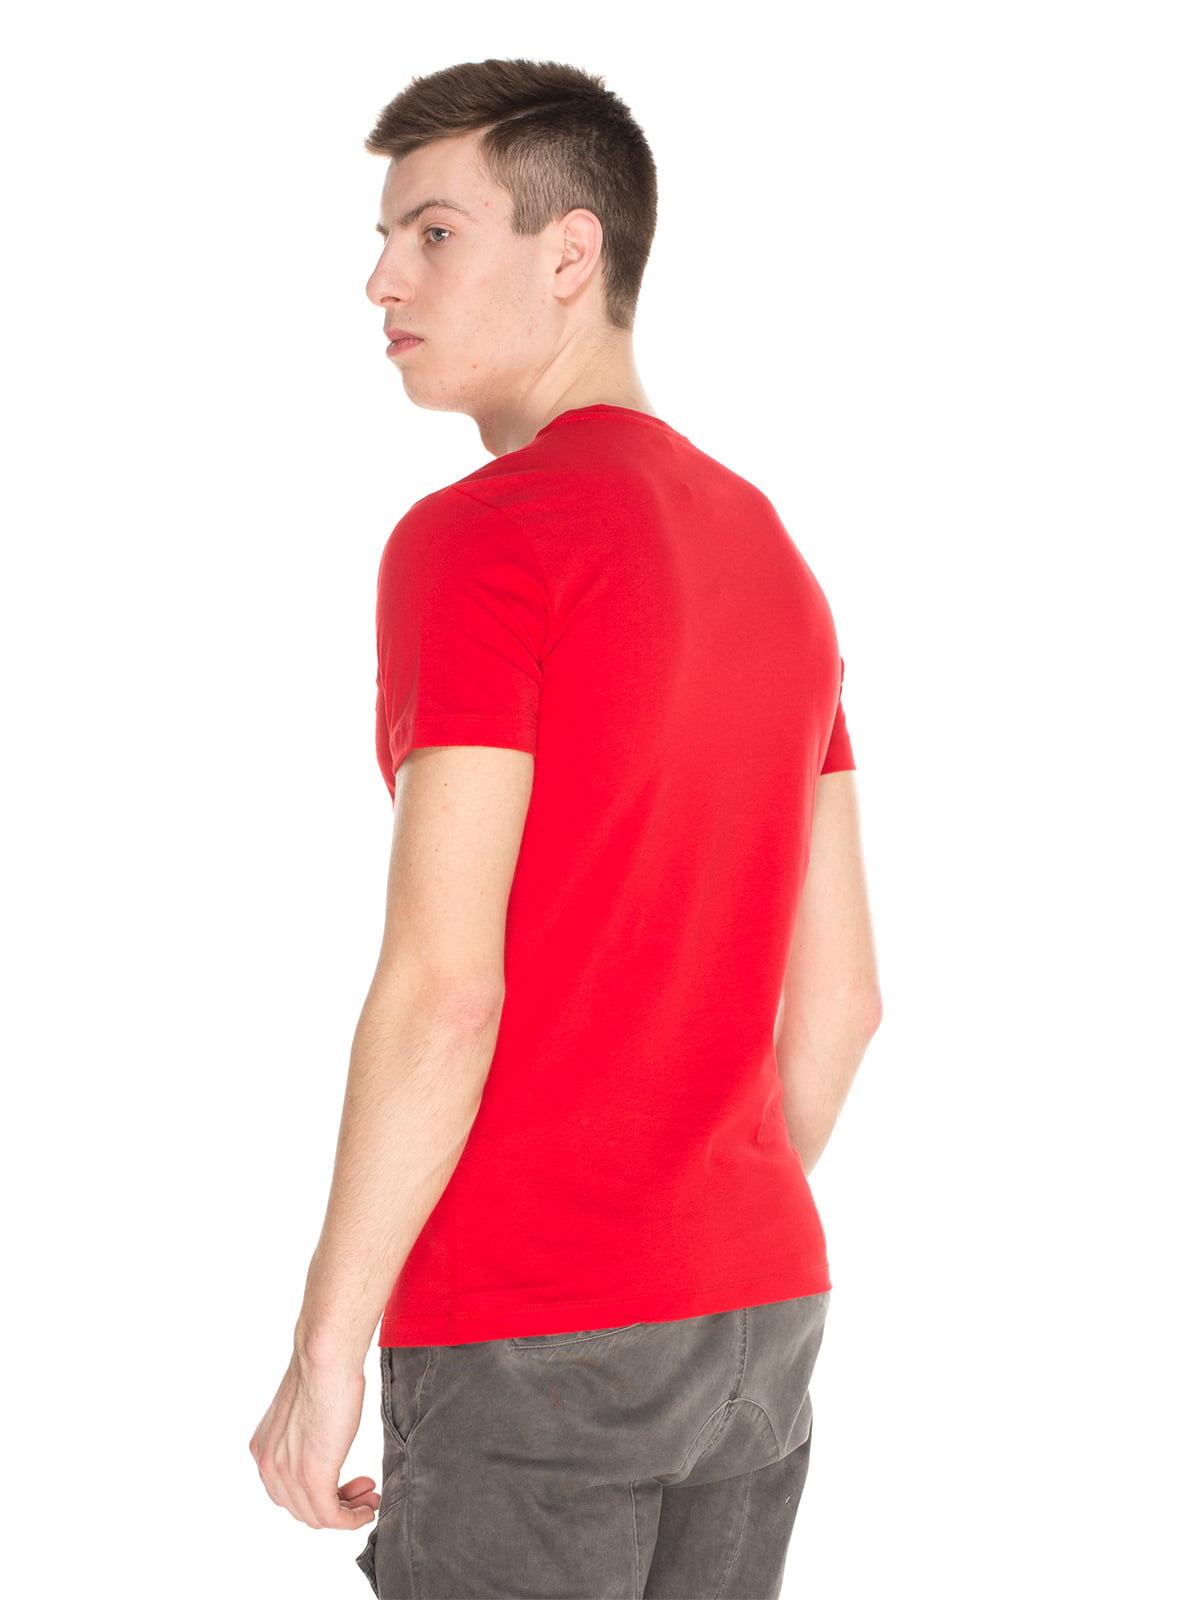 Футболка червона з принтом | 4152585 | фото 2